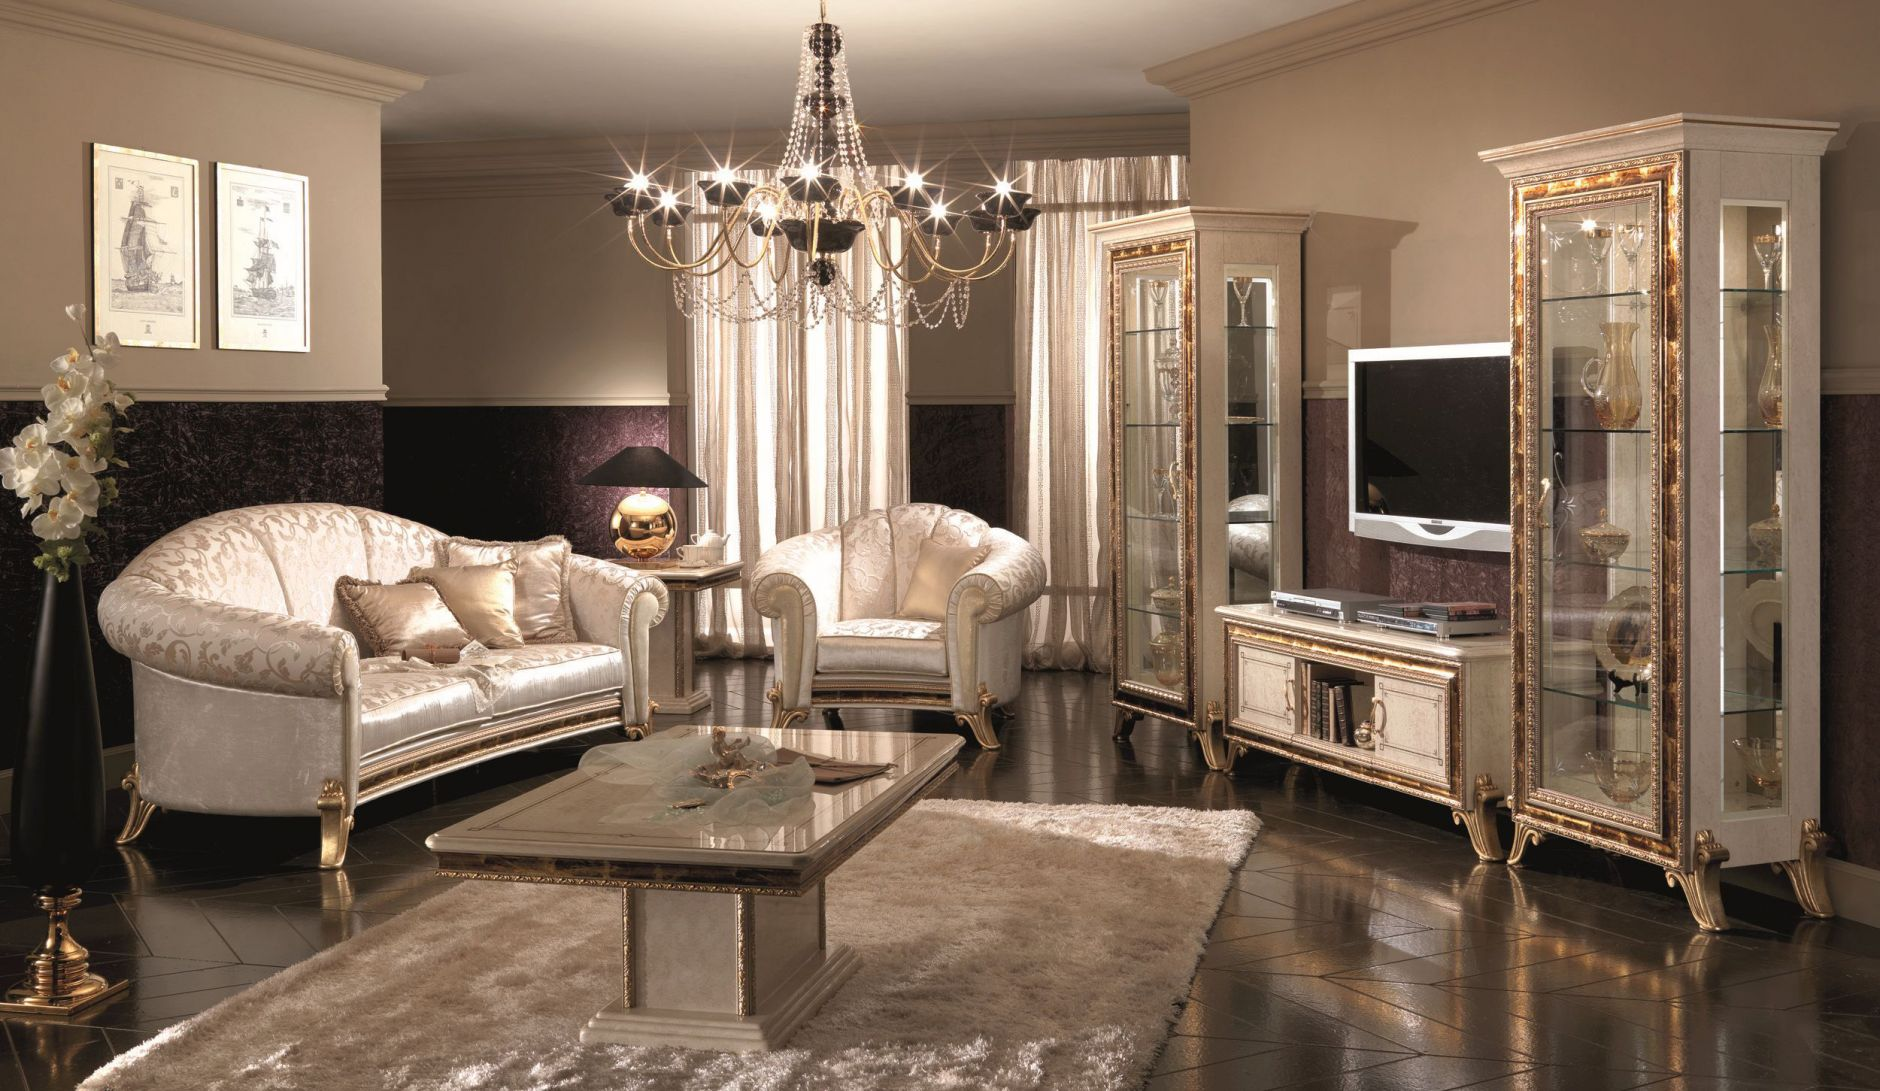 Klassische Möbel - ARREDOCLASSIC RAFFAELLO MöbelserieDie Möbel aus ...